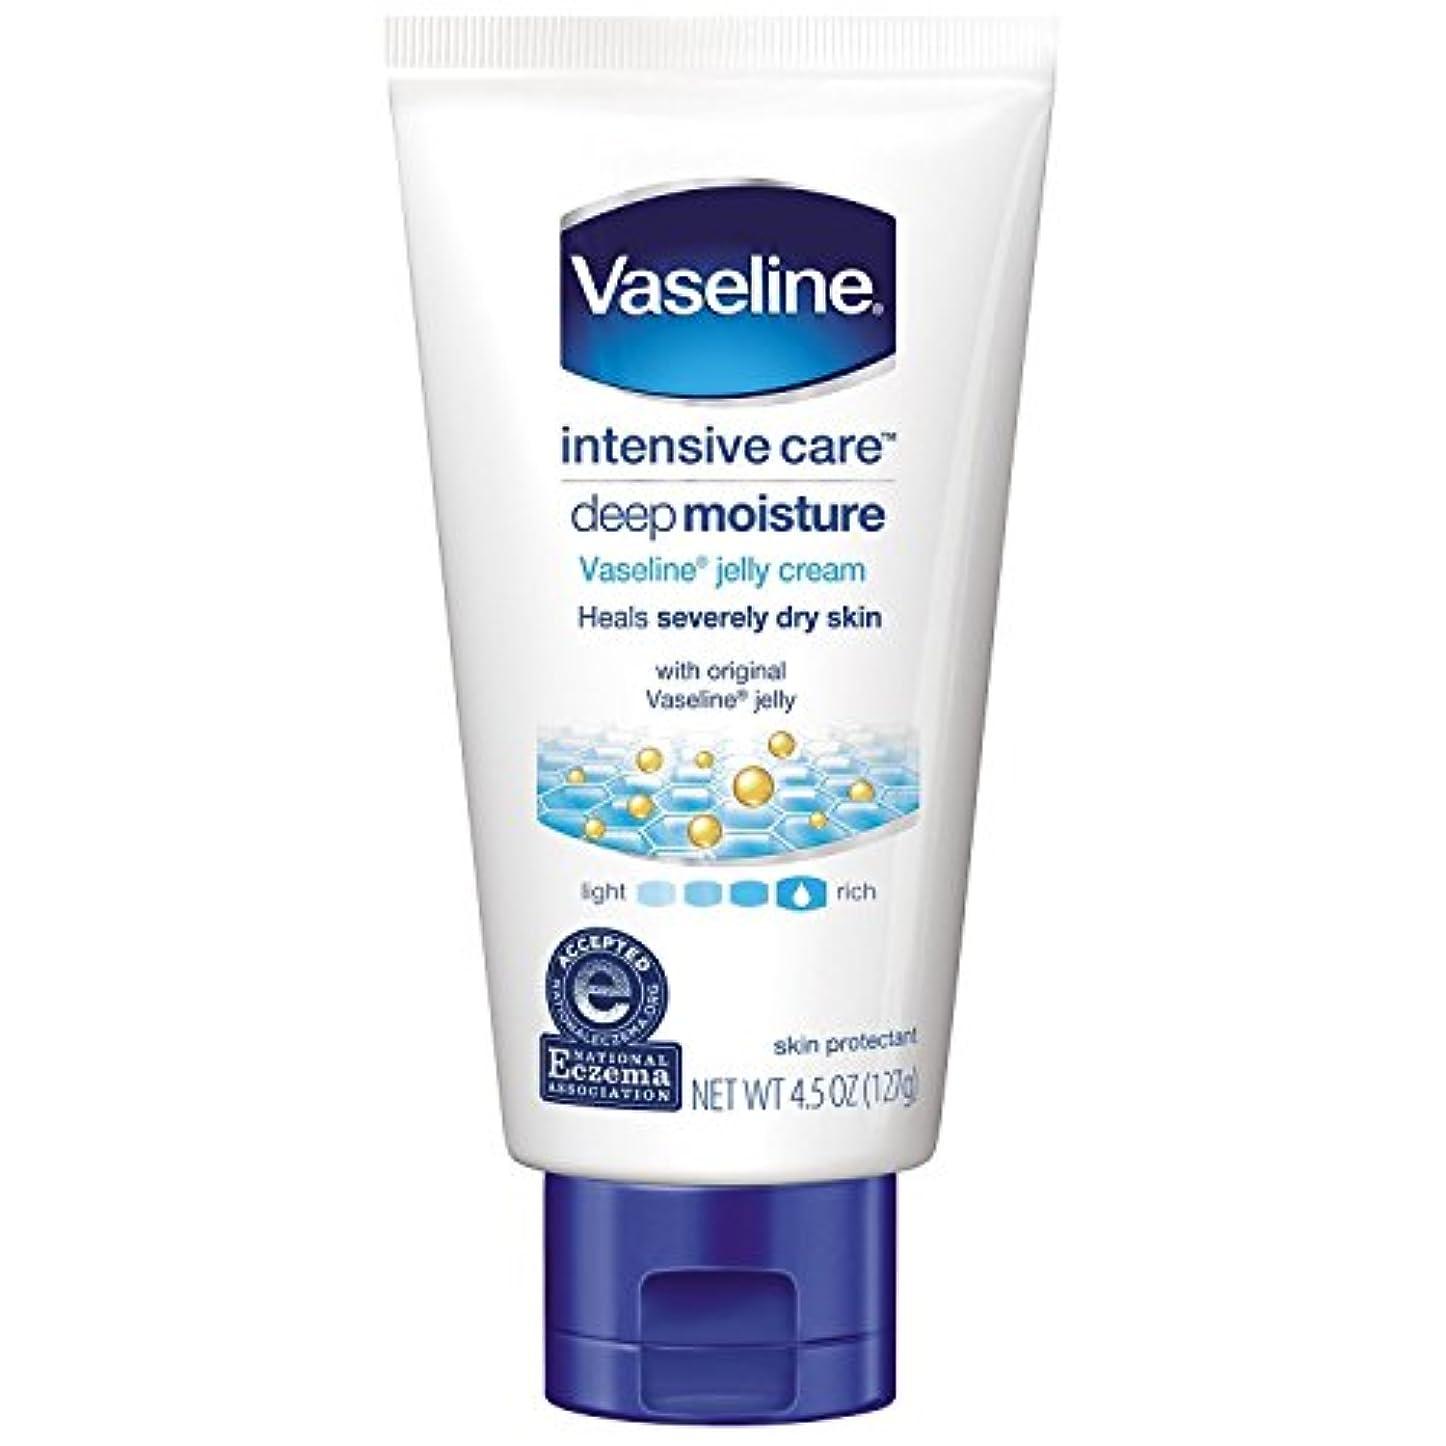 合併症デマンドじゃないVaseline intensive care deep moisture jelly cream 4.5oz(127g) ヴァセリン インテンシブケア ディープ モイスチュア ジェリークリーム